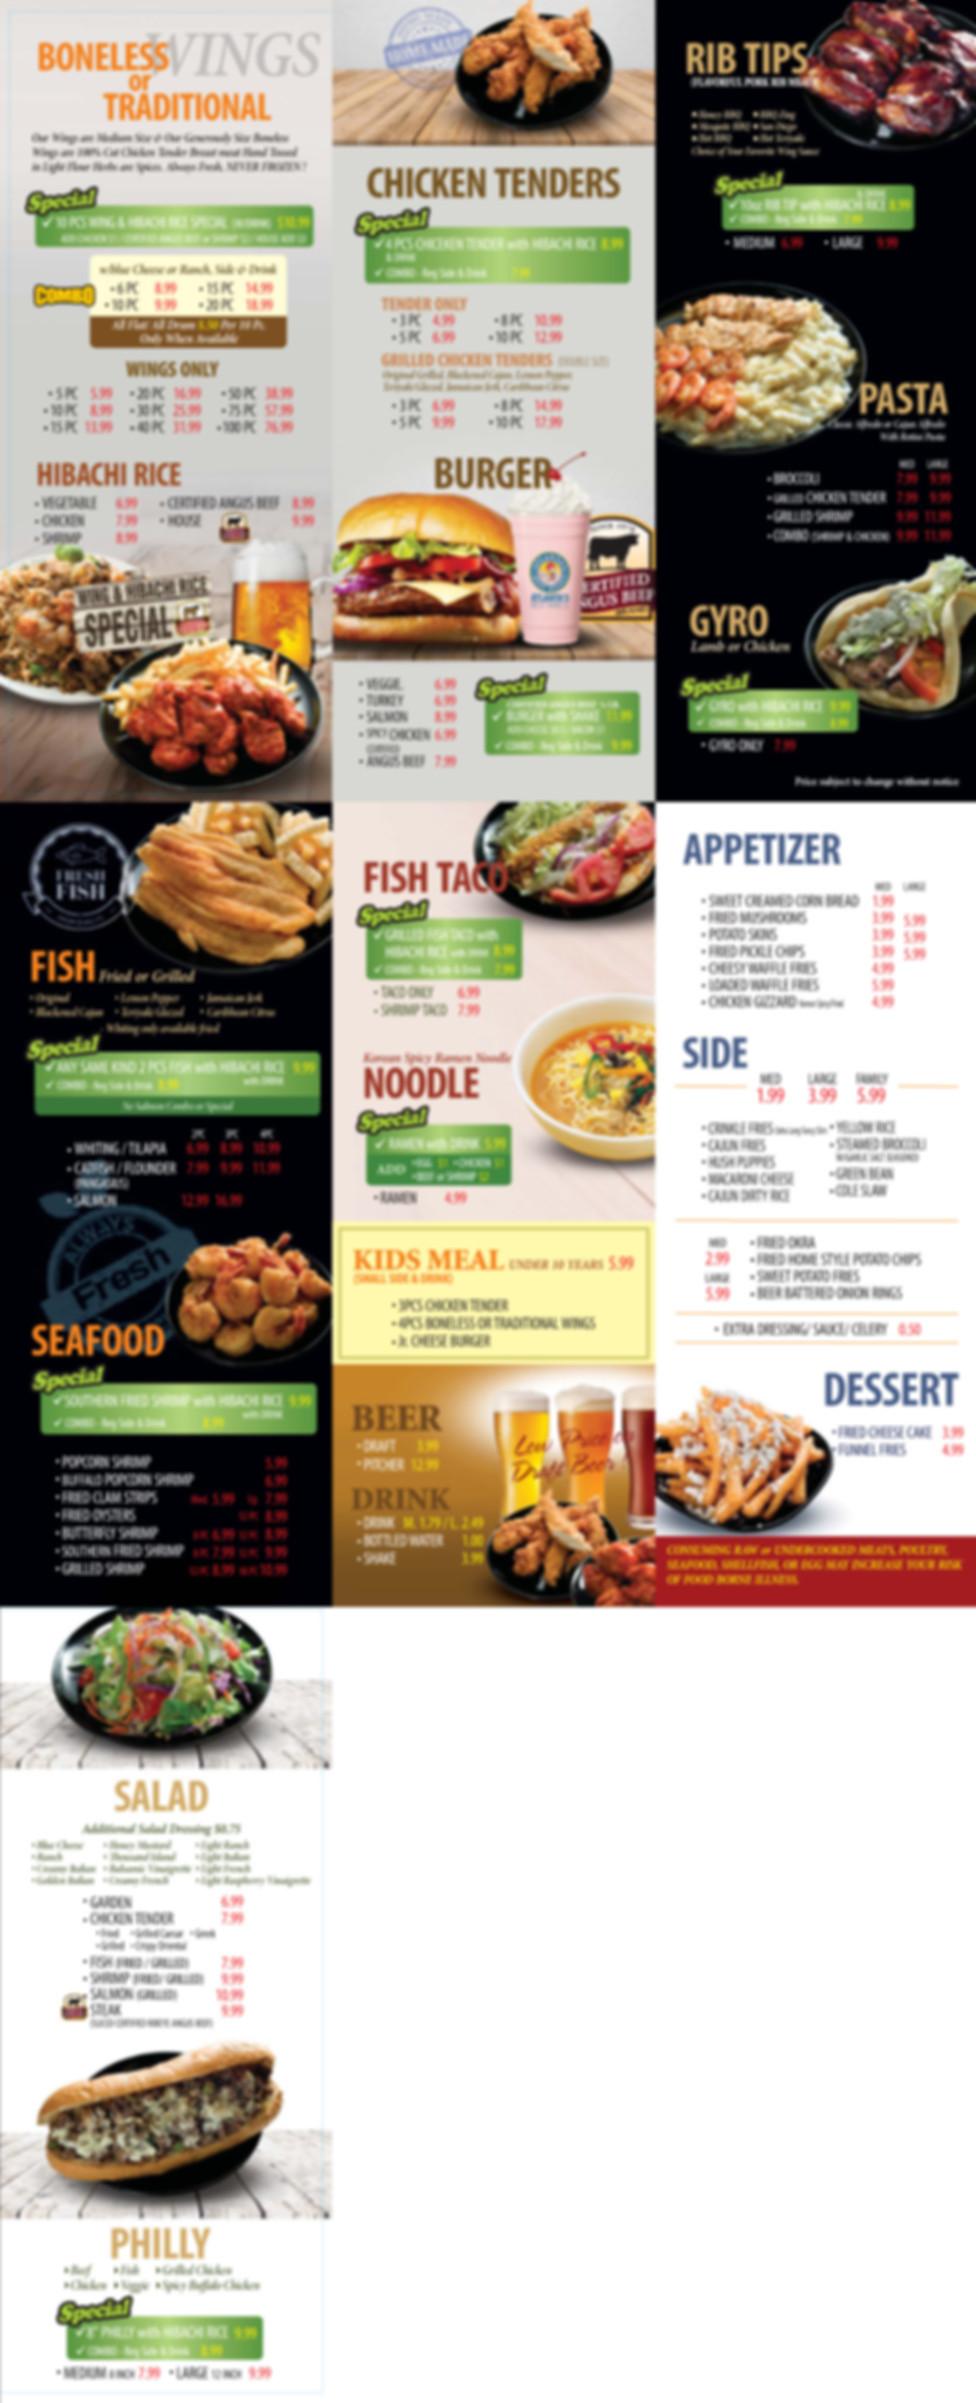 atl best wings menu.jpg